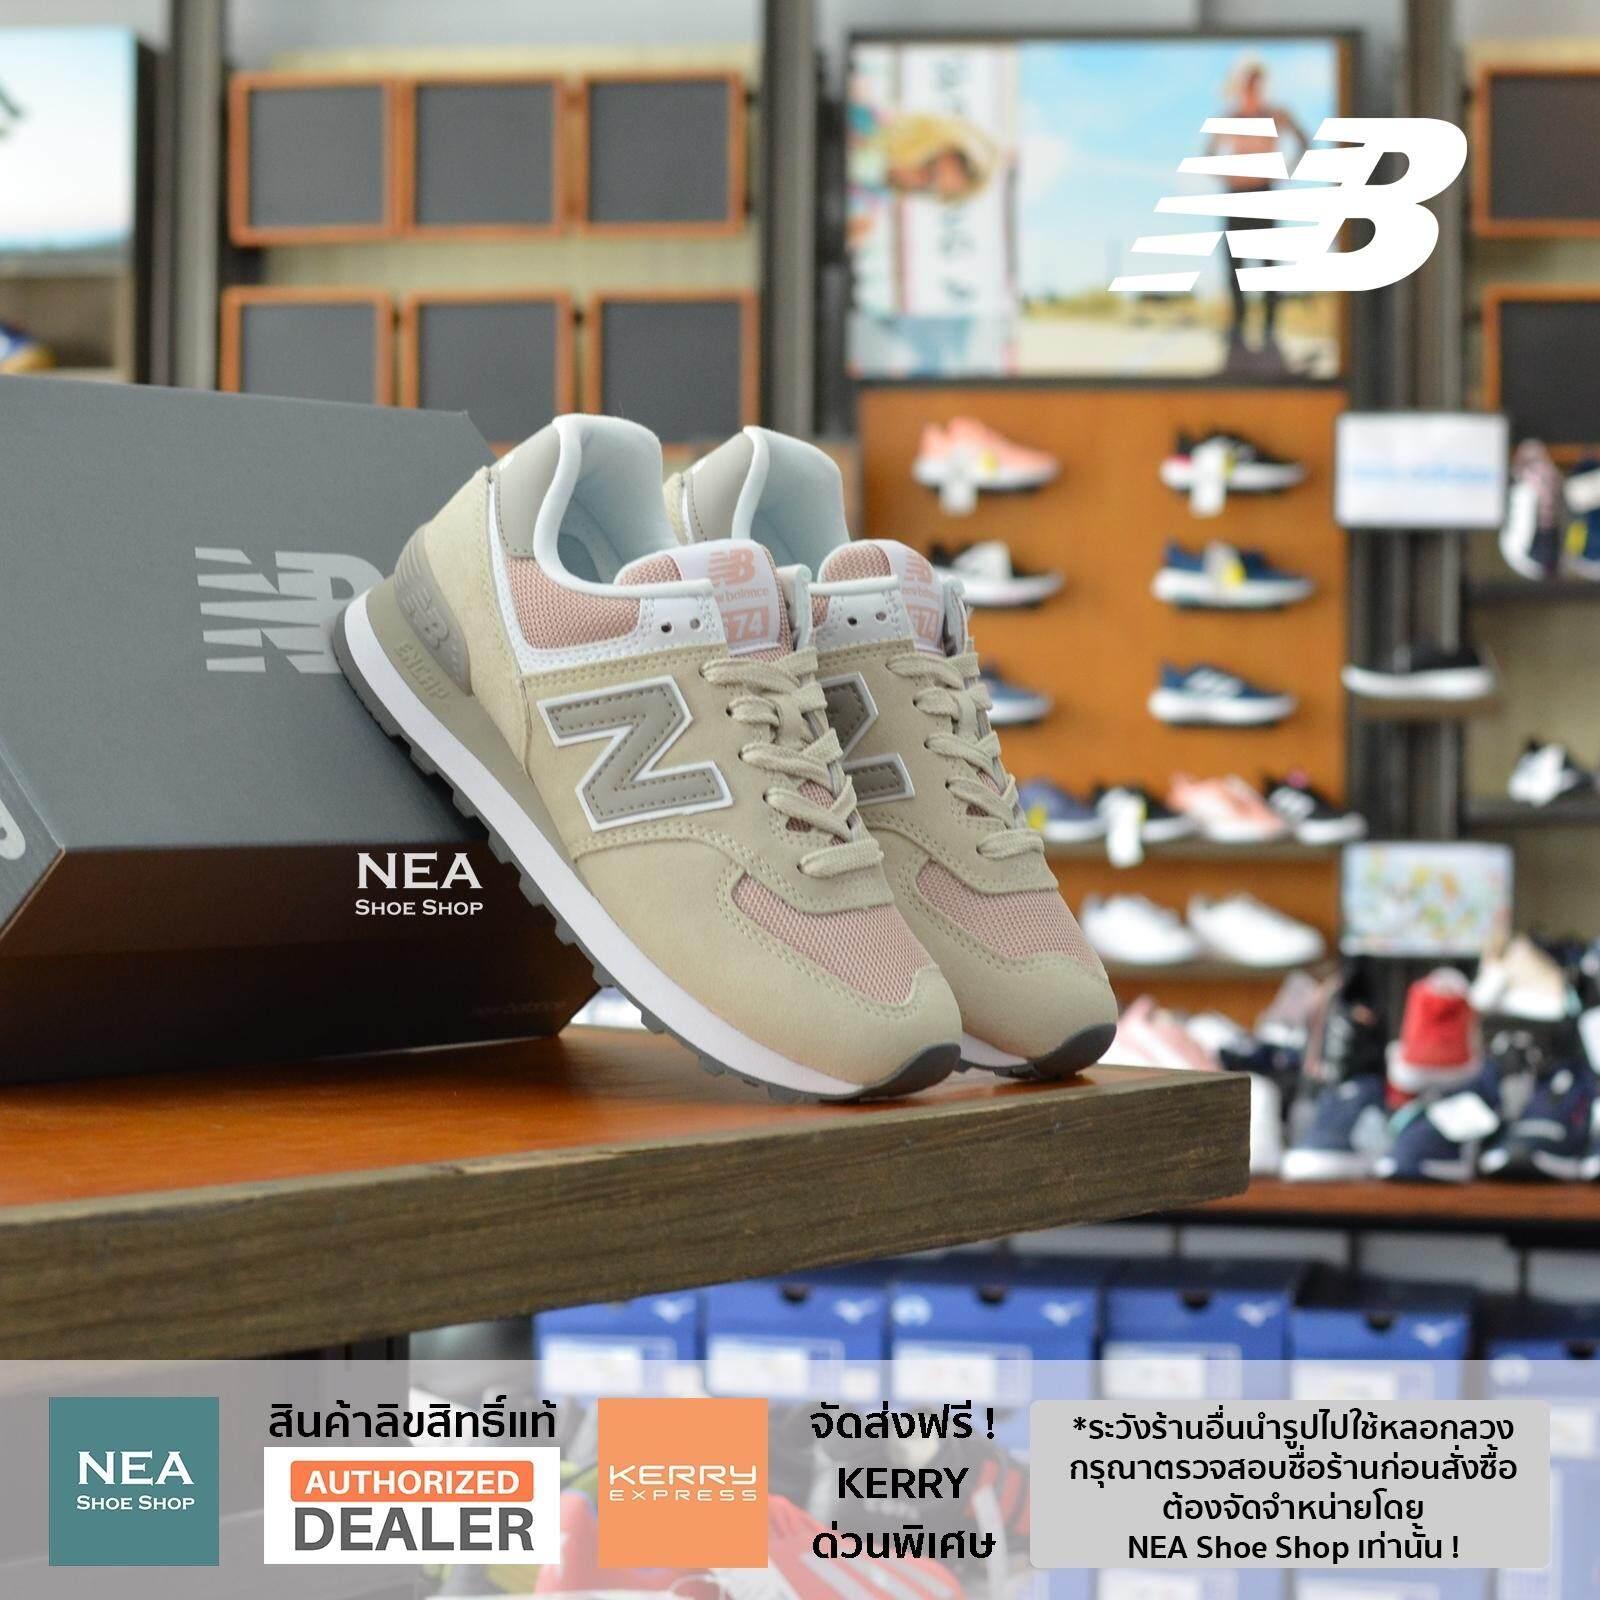 ยี่ห้อไหนดี  สมุทรสงคราม [ลิขสิทธิ์แท้] New Balance 574 Heritage v2 Beige/ Rose รองเท้าผ้าใบ นิวบาลานซ์ ผู้หญิง WL574WNA